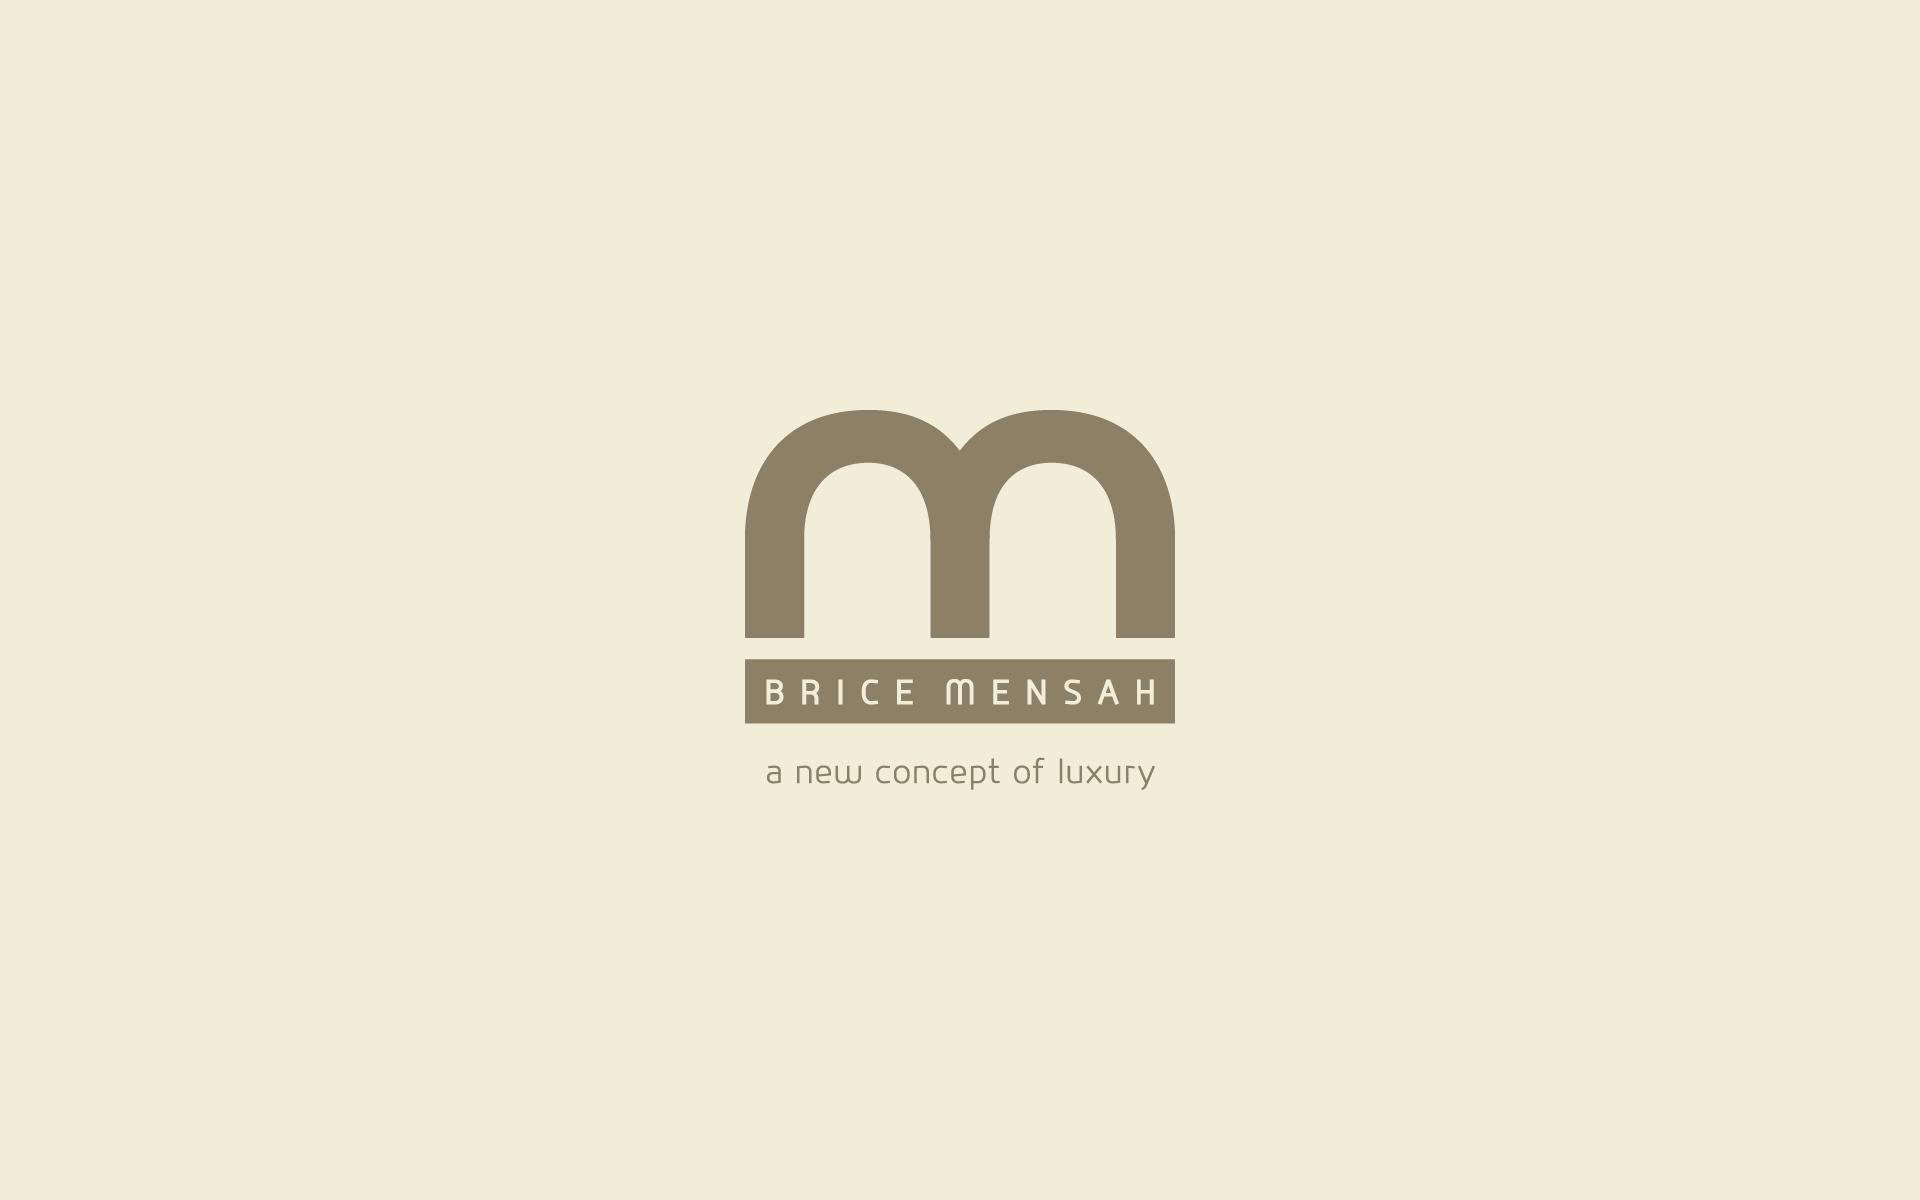 2011-Brice-Mensah-logo